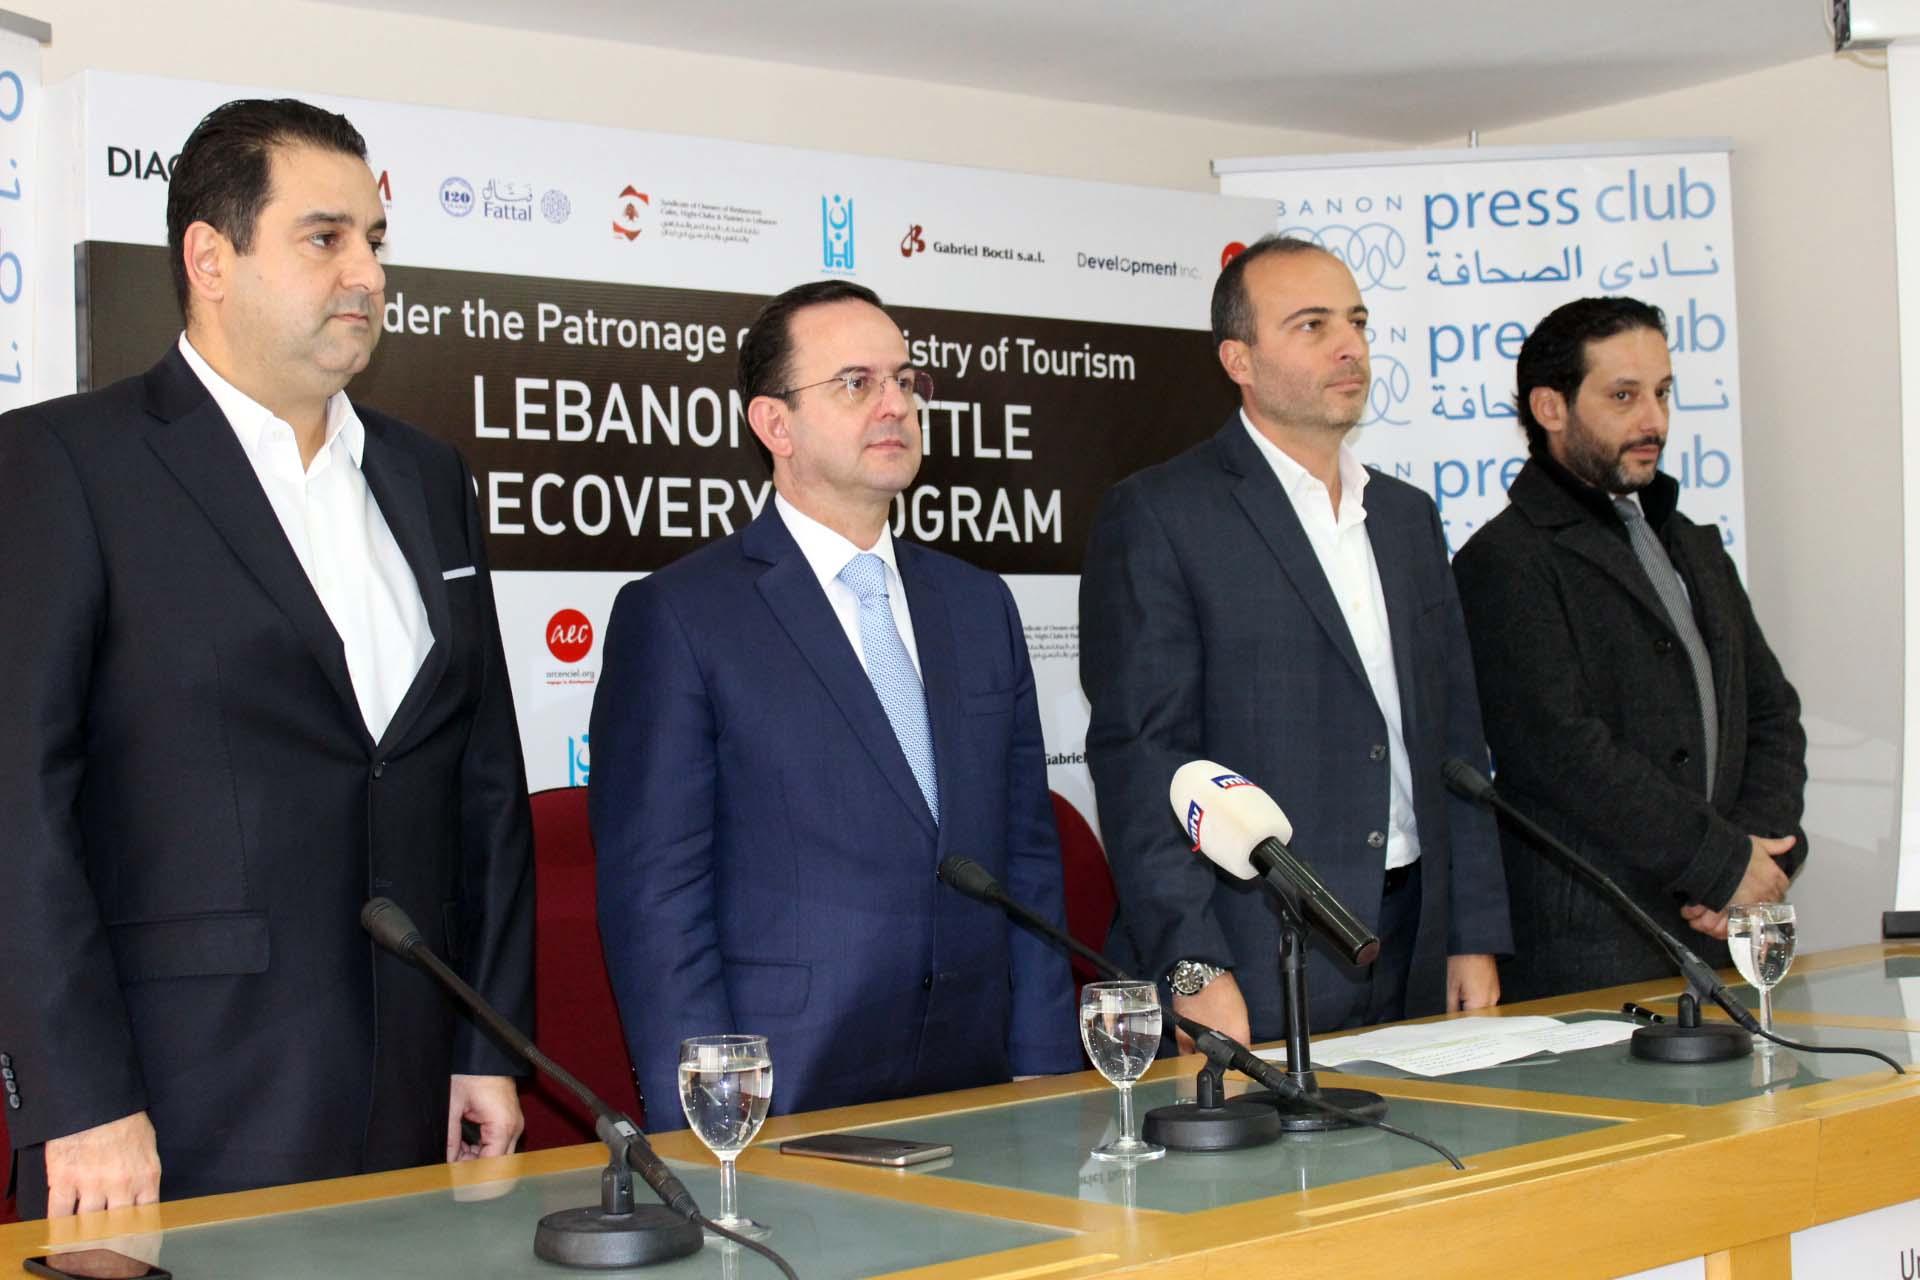 Lebanon Bottle Recovery Program, a breakthrough program beckoning an